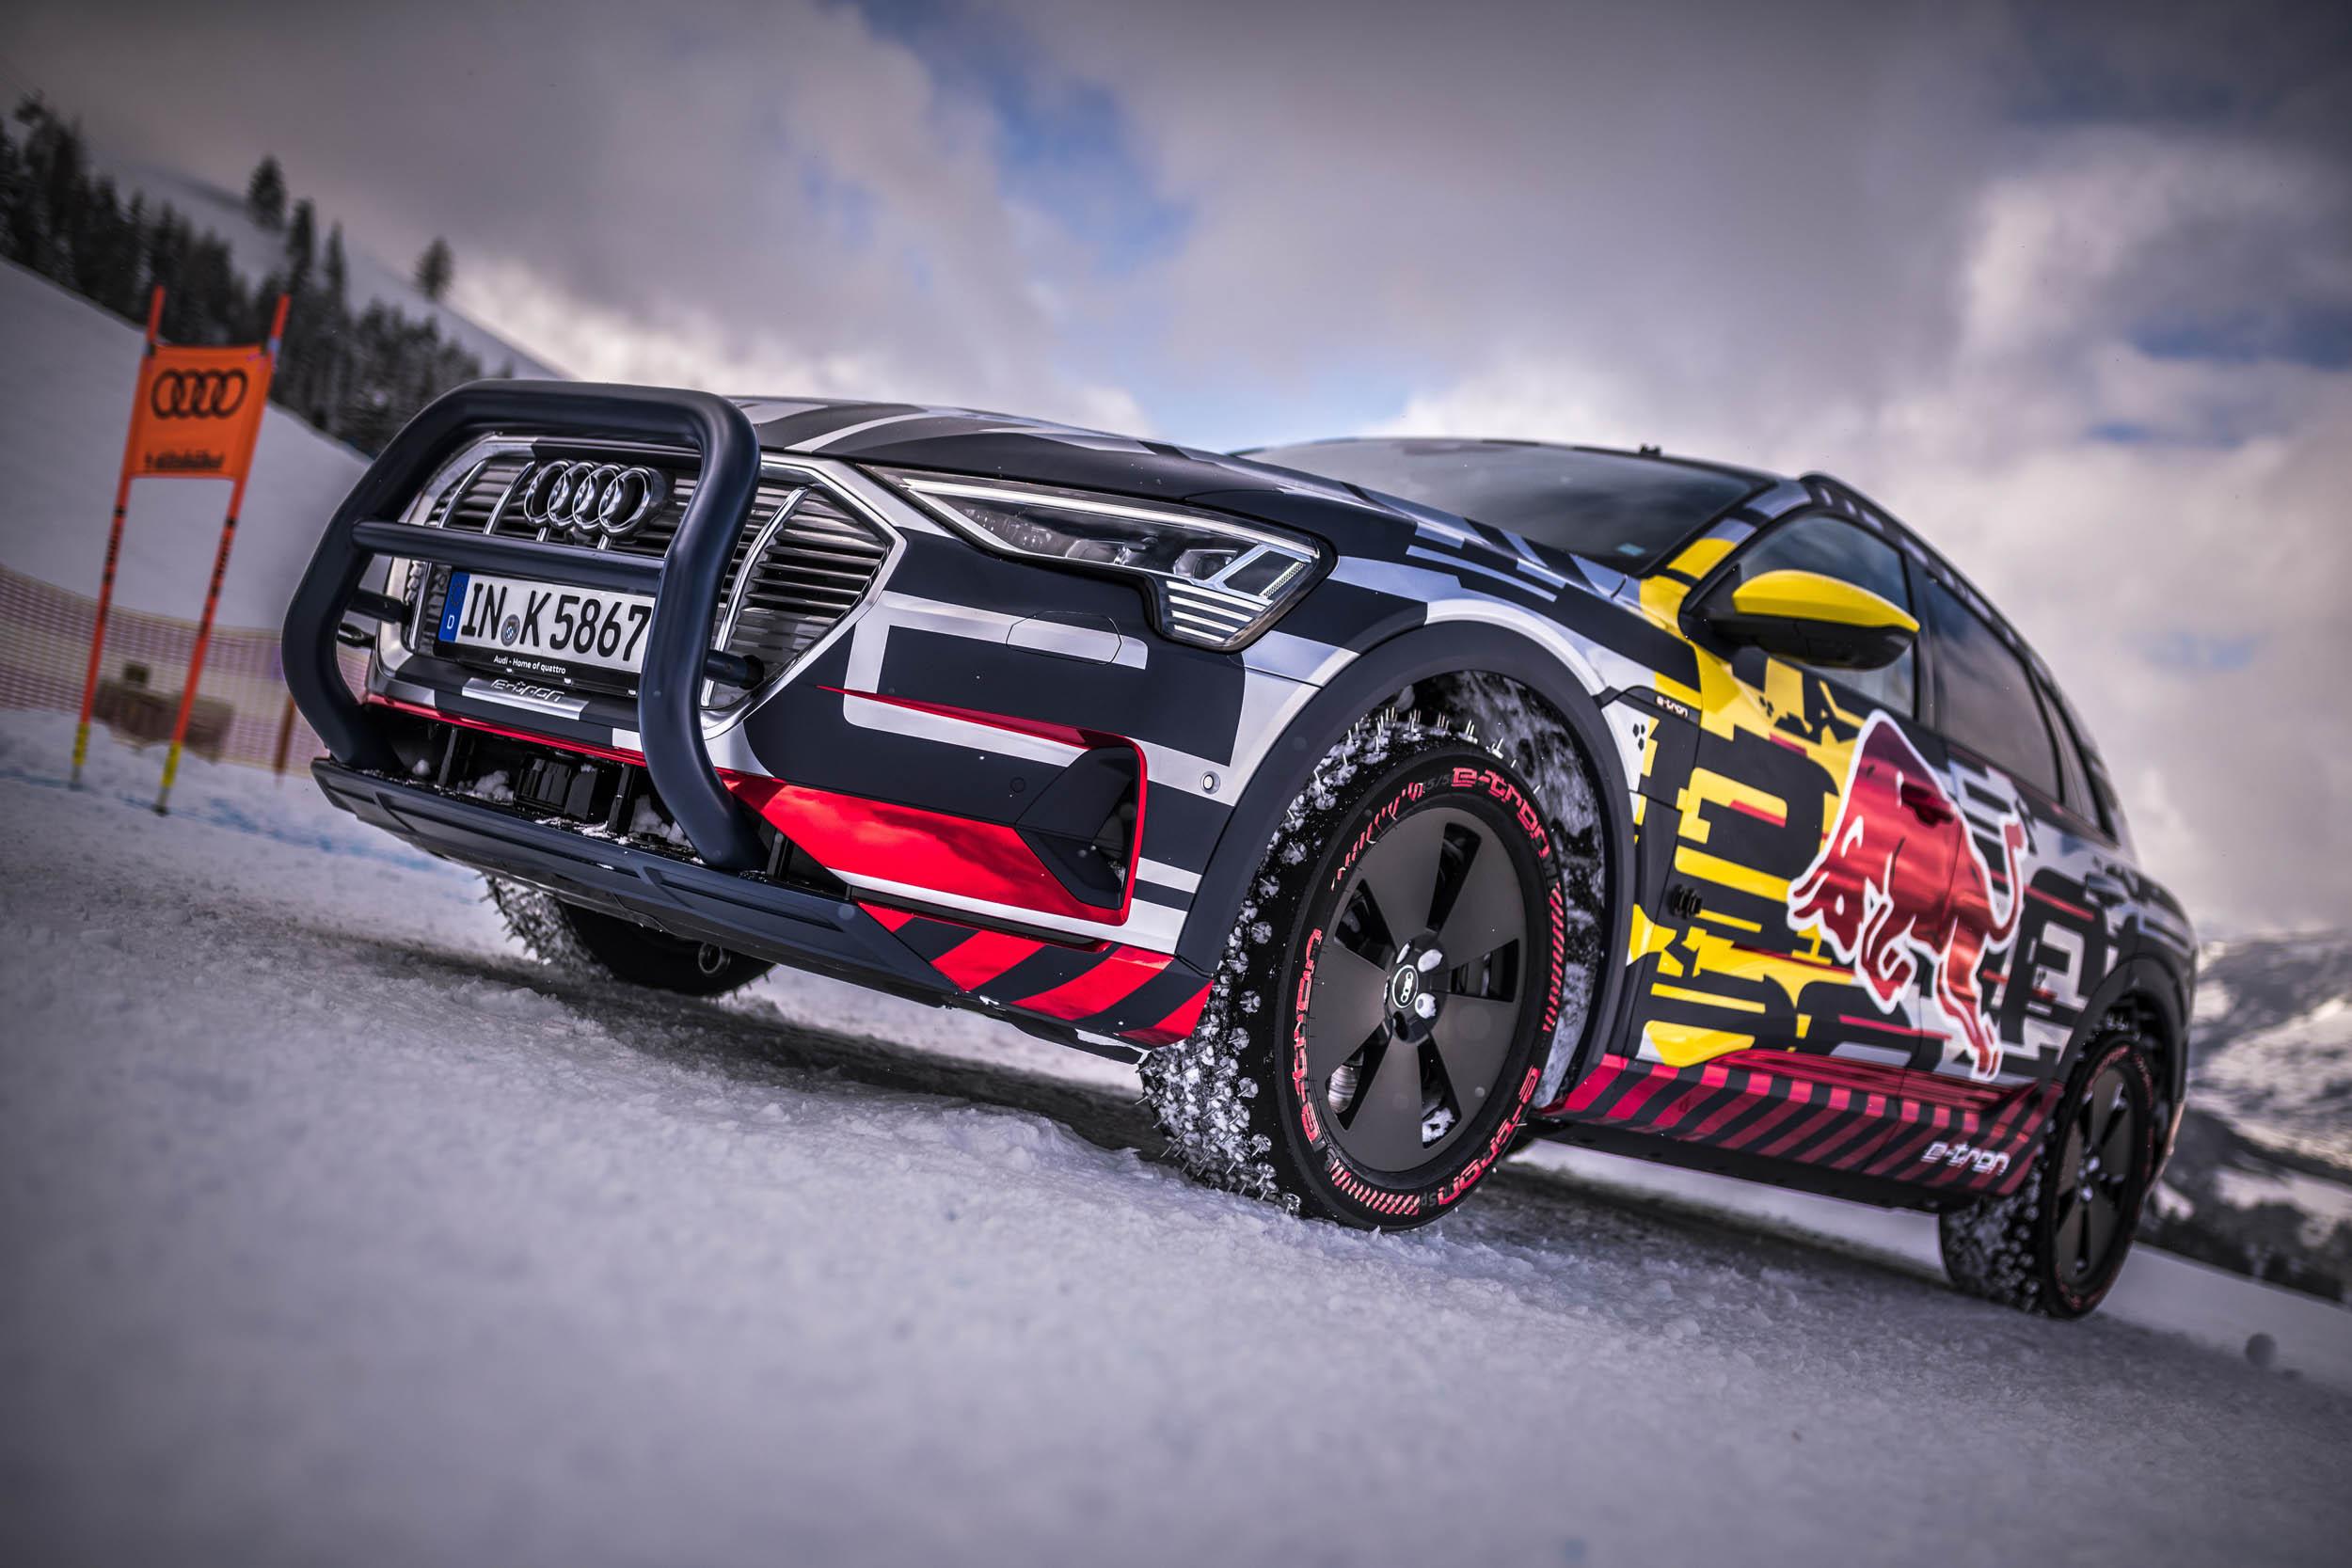 Audi e-tron extreme